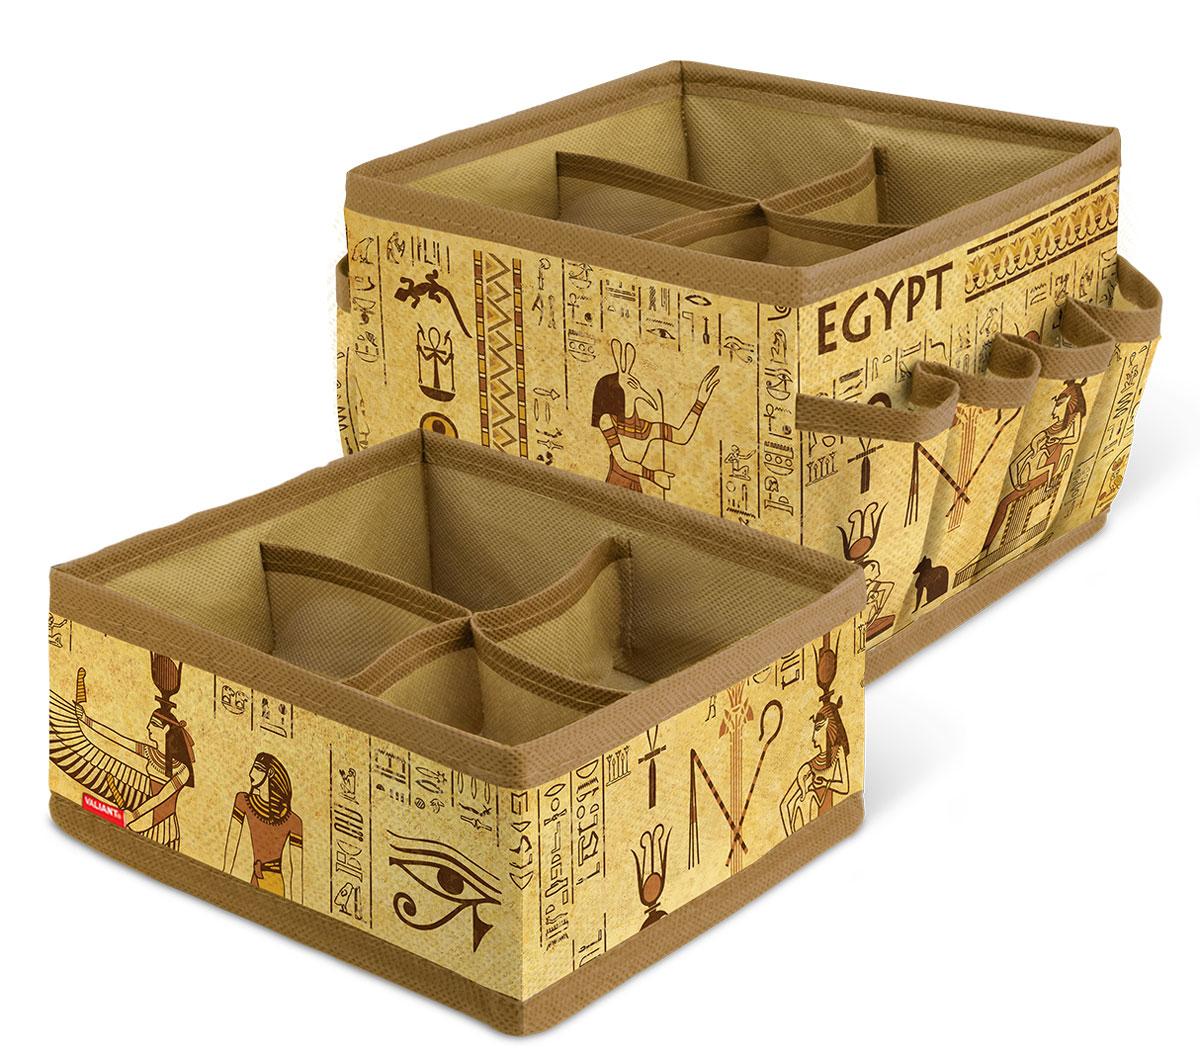 Набор органайзеров для косметики и аксессуаров Valiant Egypt, 2 шт коробки для хранения valiant ящик для хранения egypt 2 шт